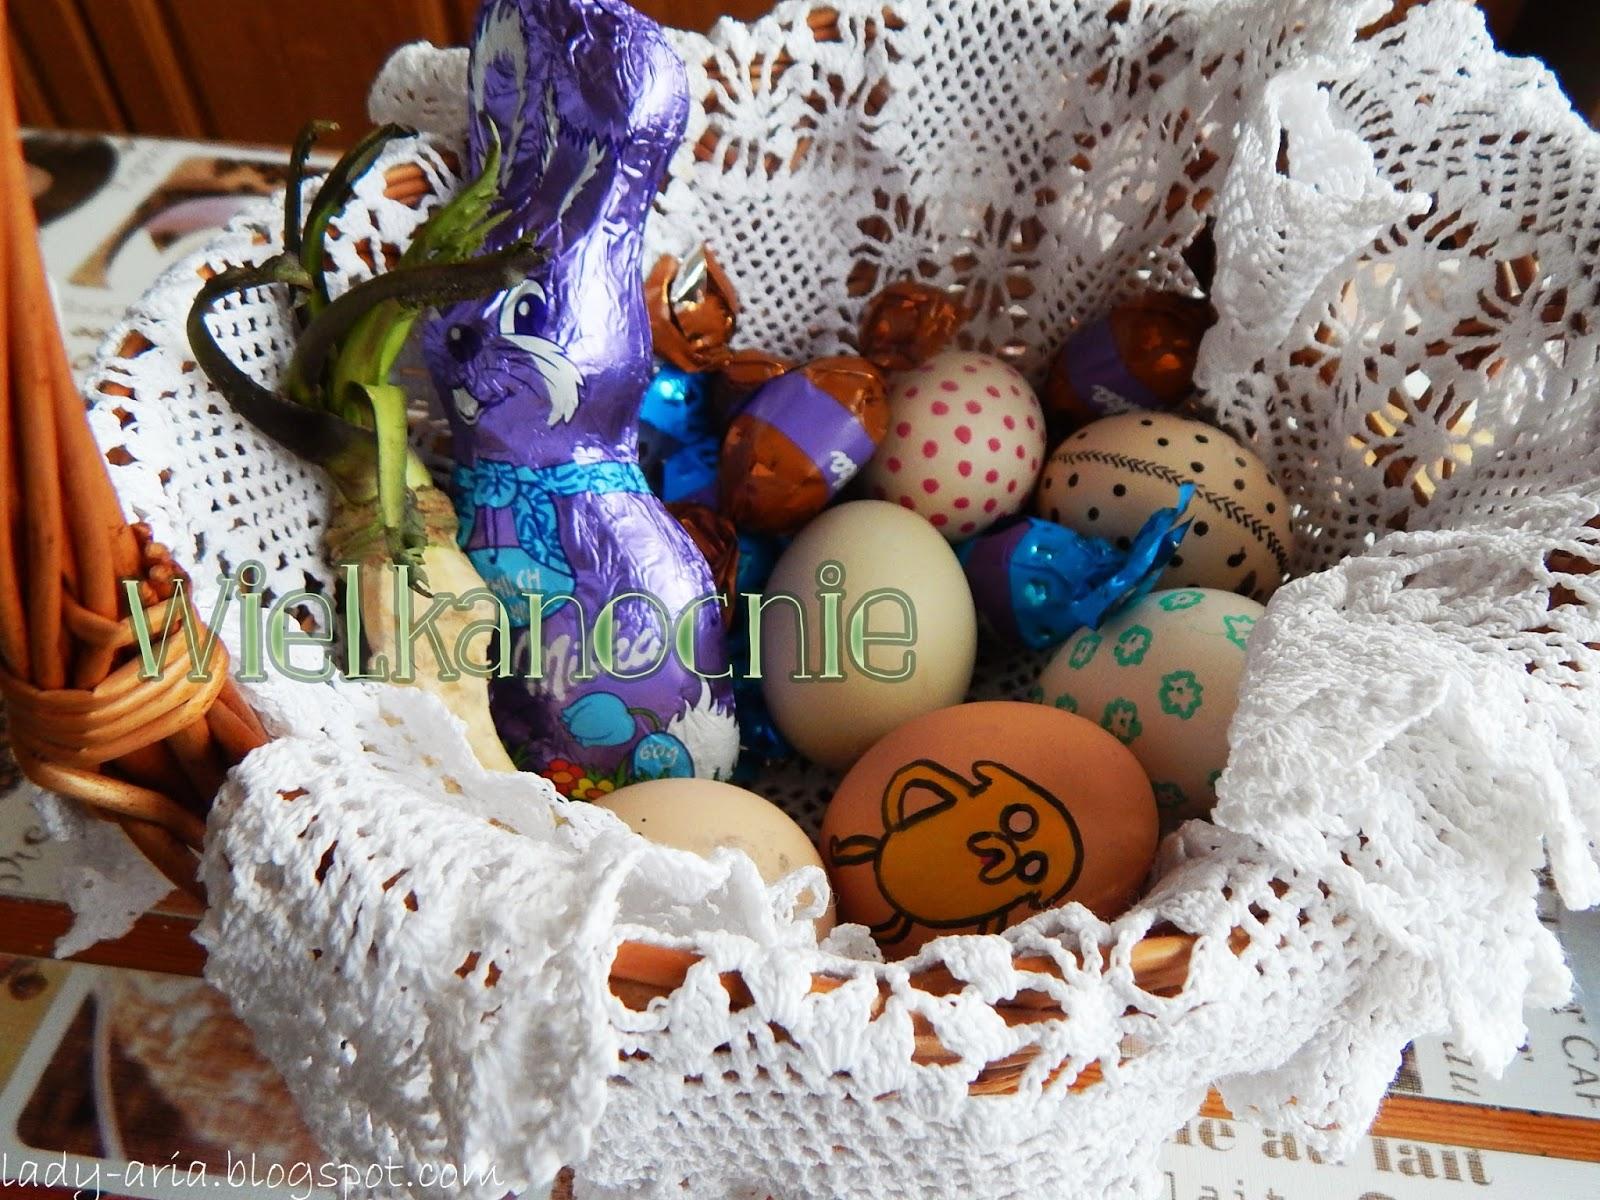 ~106 Wielkanocnie